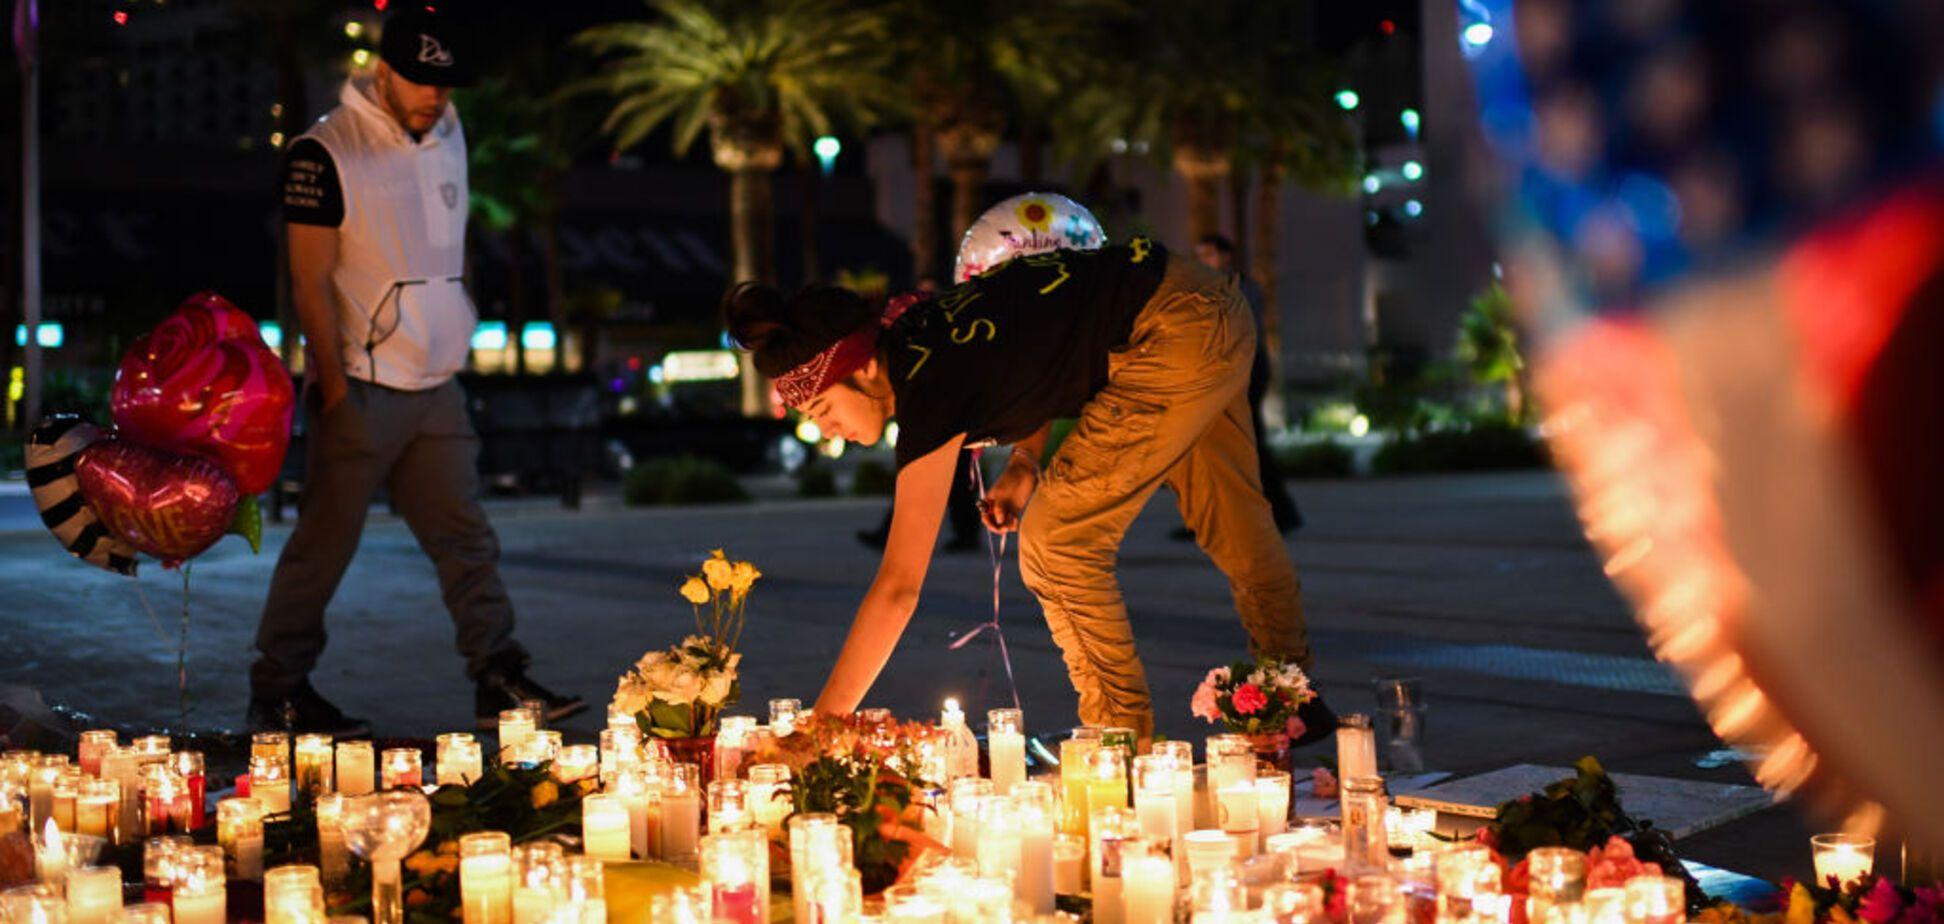 Массовые расстрелы в США. Каковы причины?